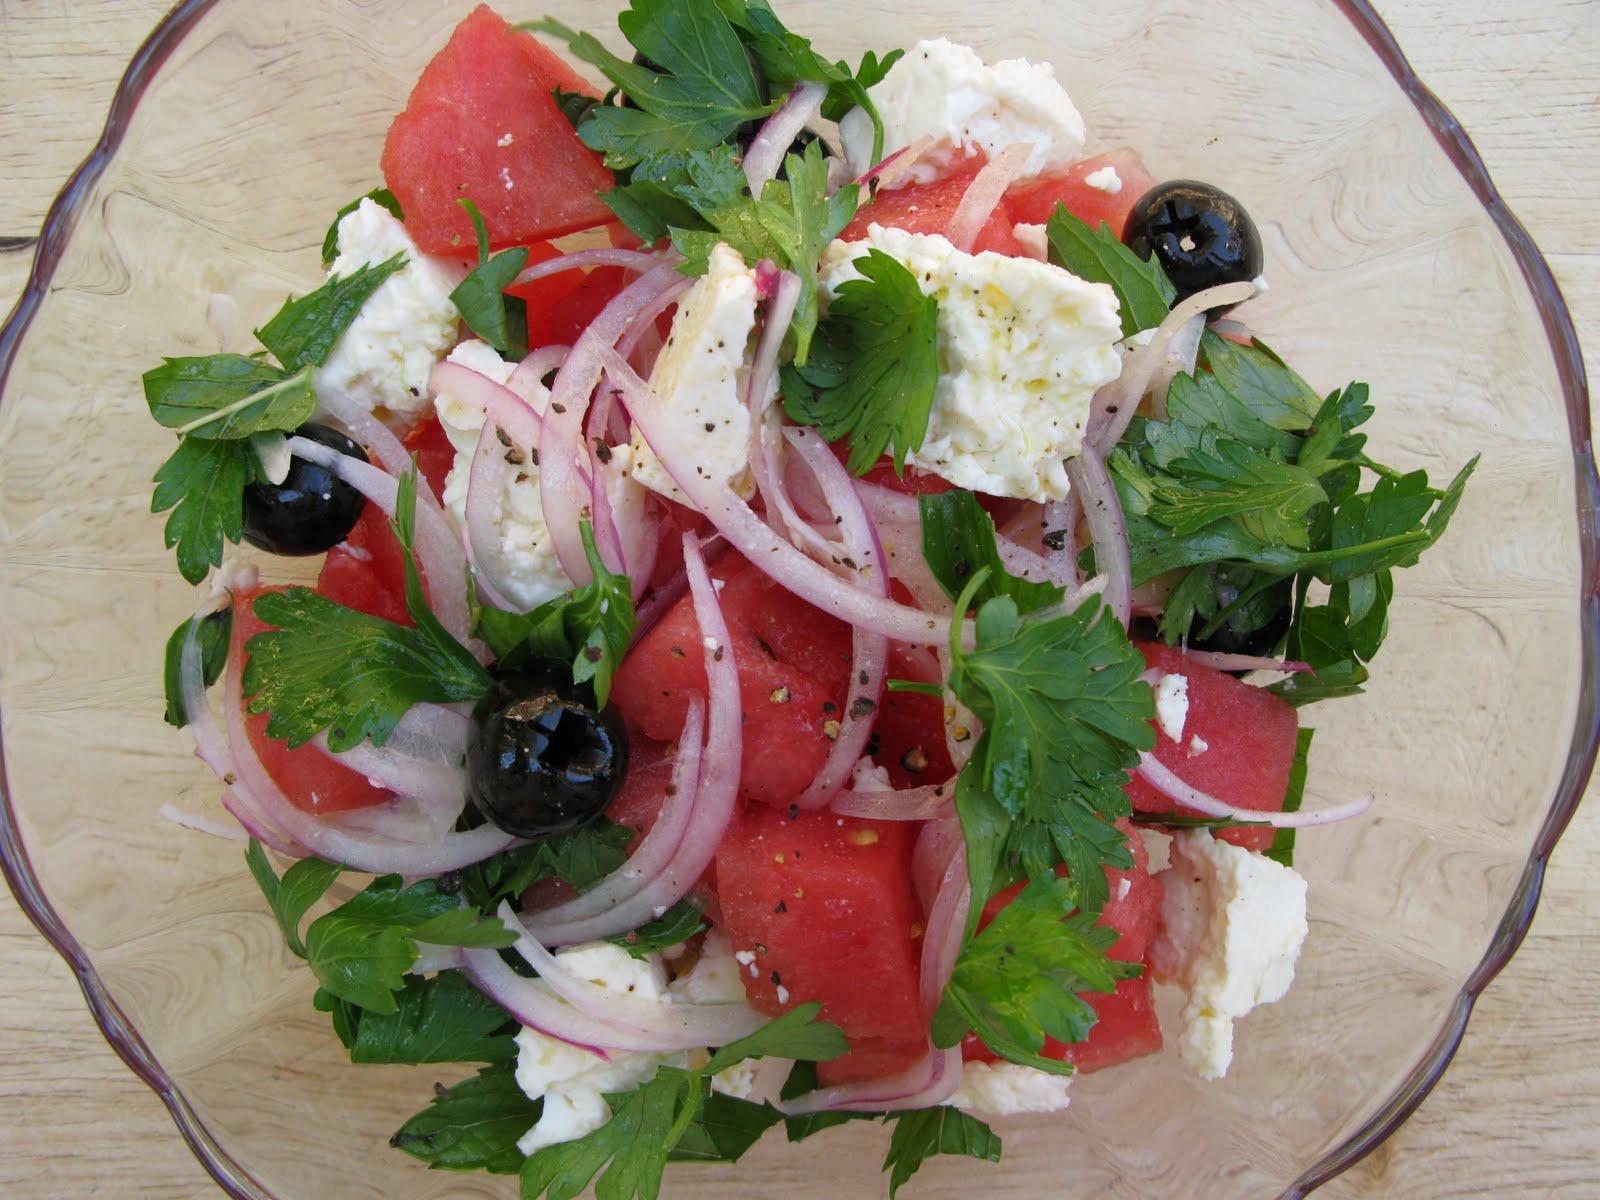 Au gr du march salade de melon d 39 eau past que la feta - Salade de pasteque ...